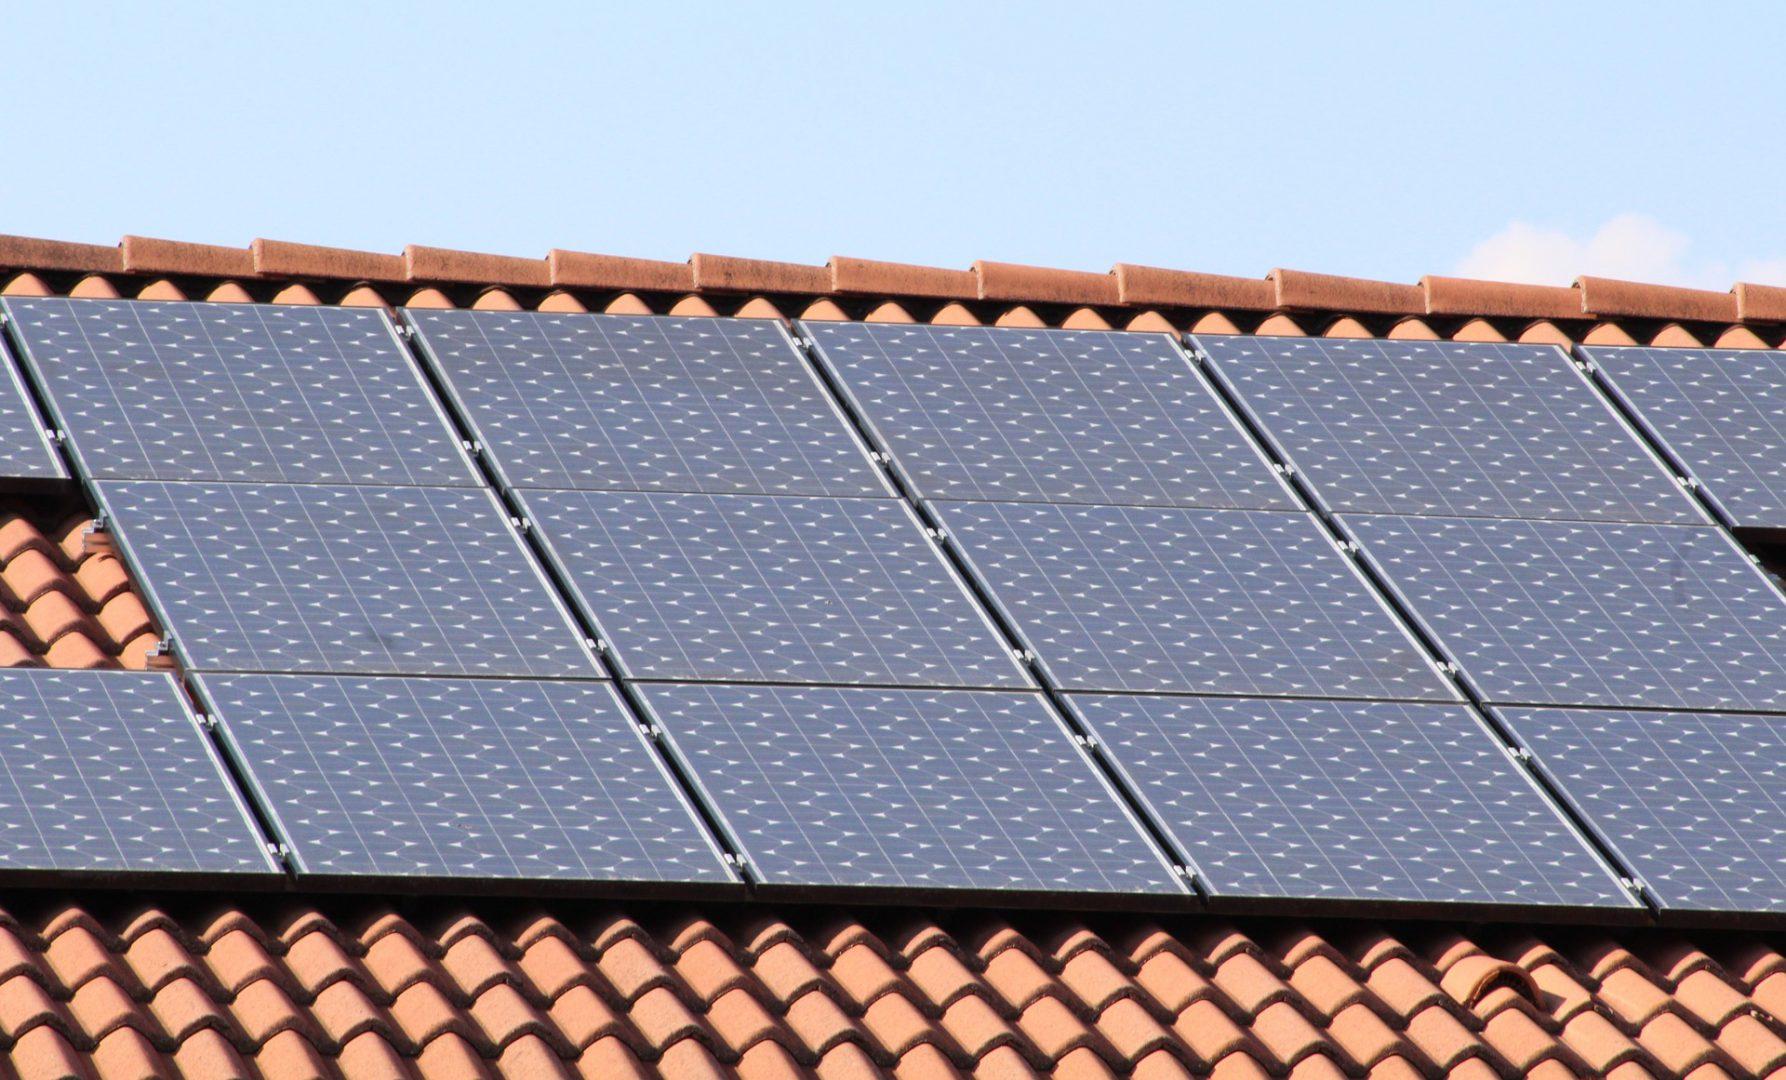 Überspannungsschutz für Photovoltaikanlagen ist wichtig